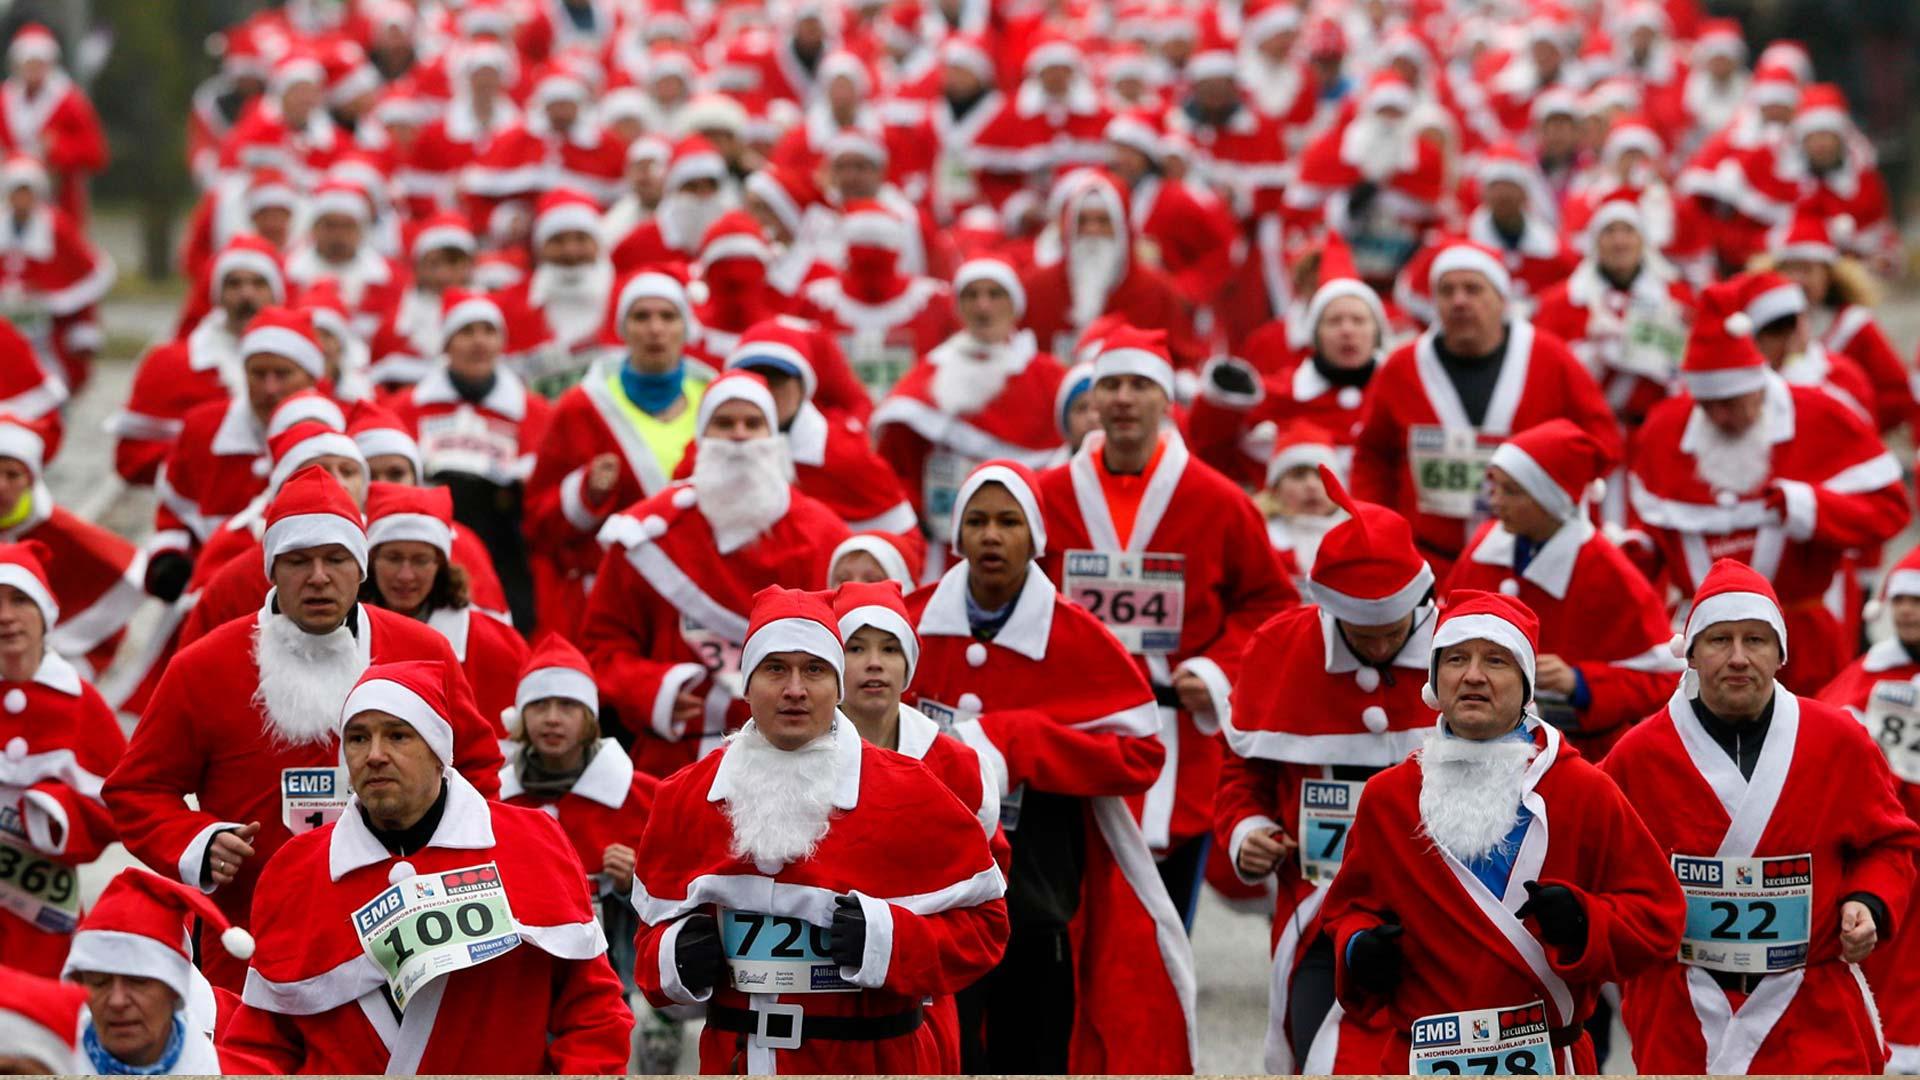 Corrida de Papai Noel